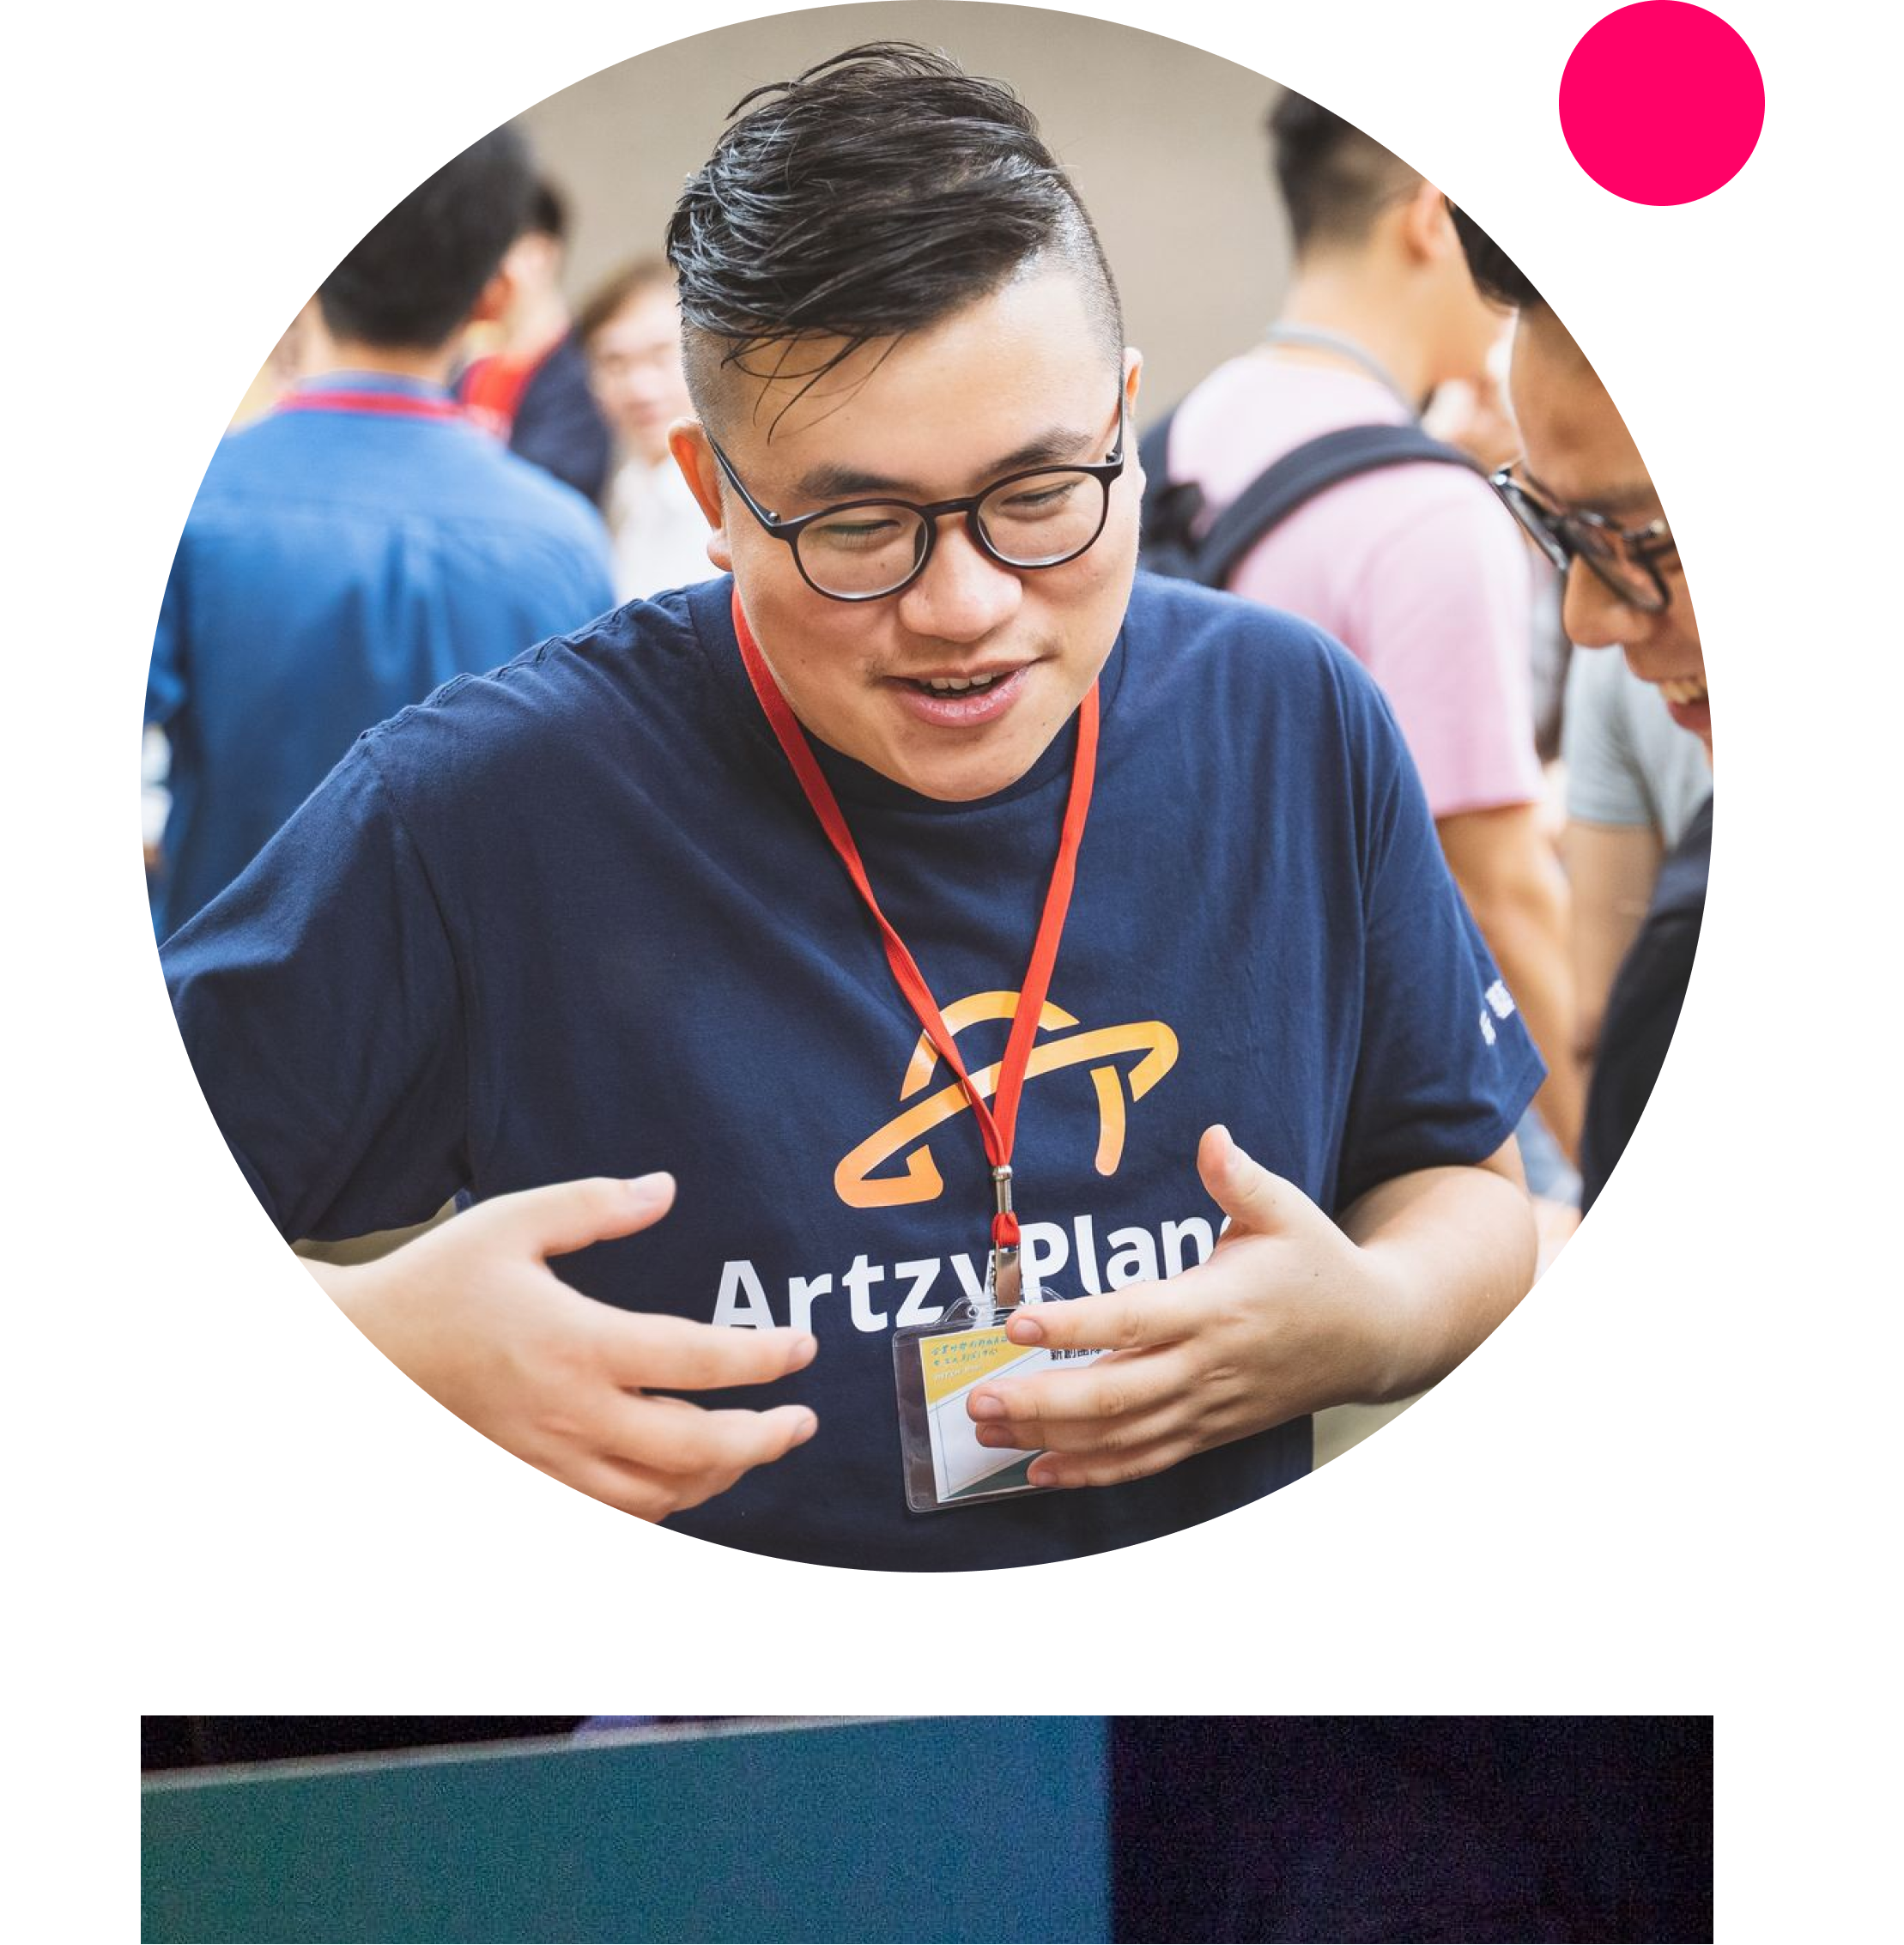 Artzyplanet 創辦人,Rick Chen。